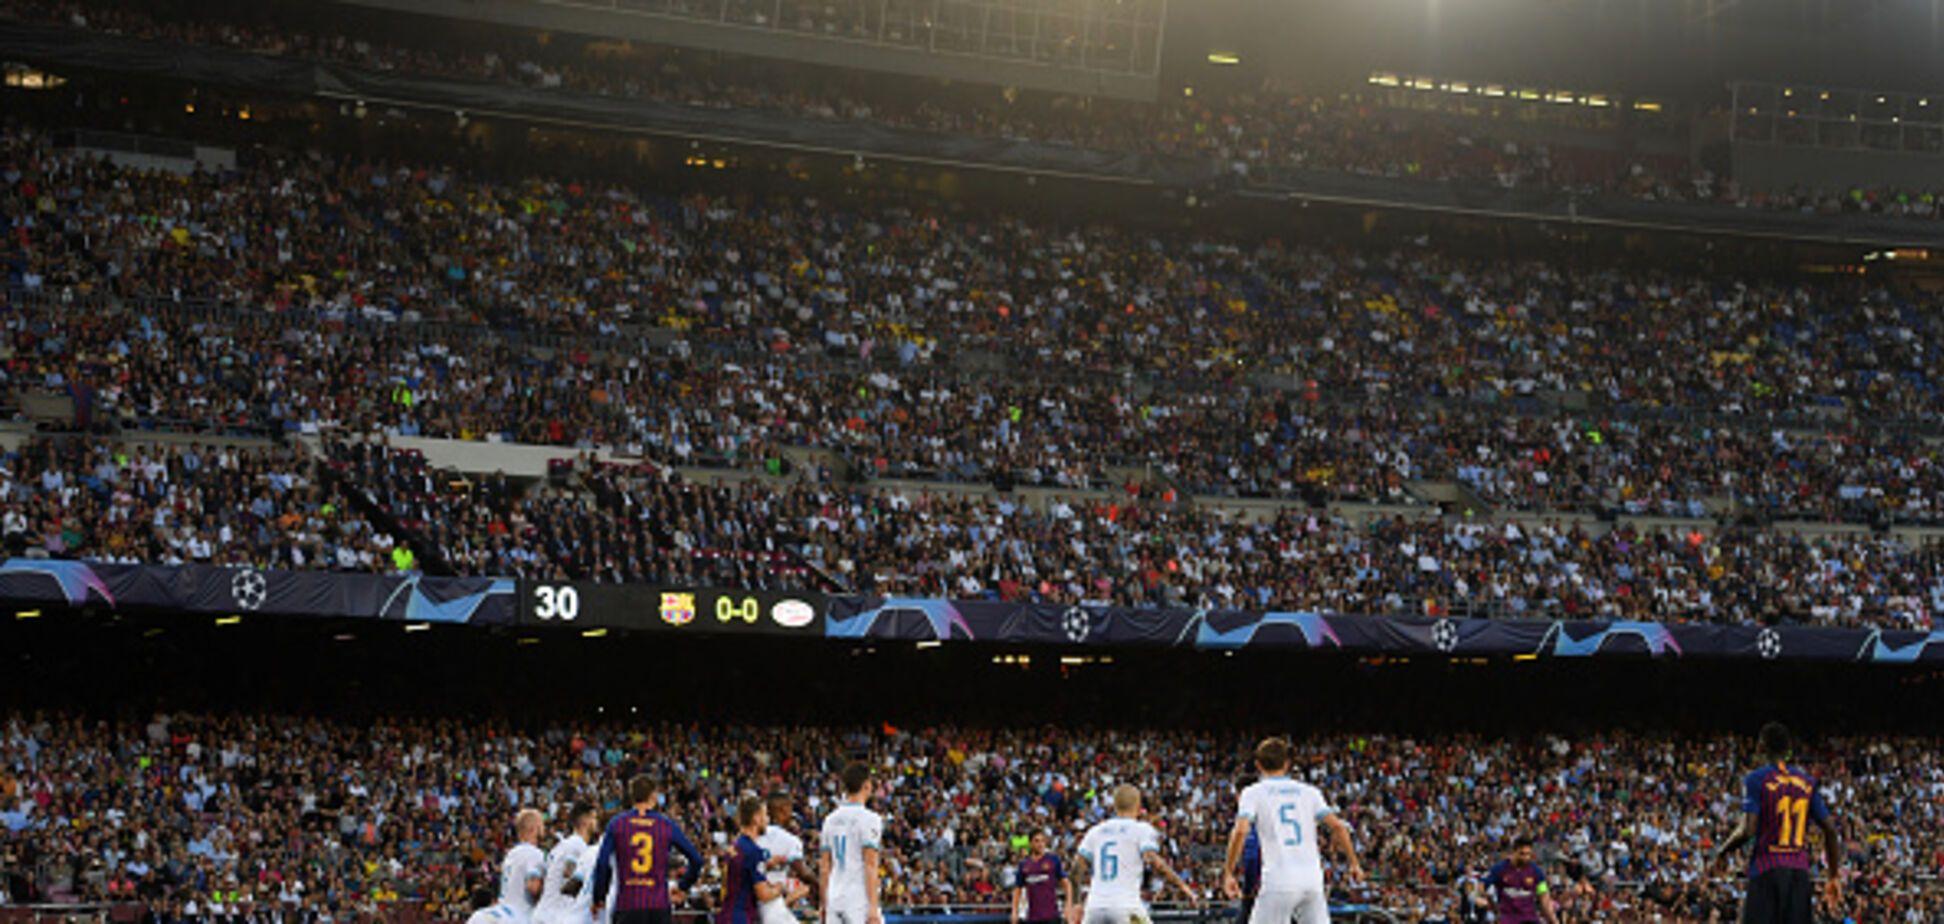 Месси фантастическим голом открыл сезон в Лиге чемпионов - опубликовано видео